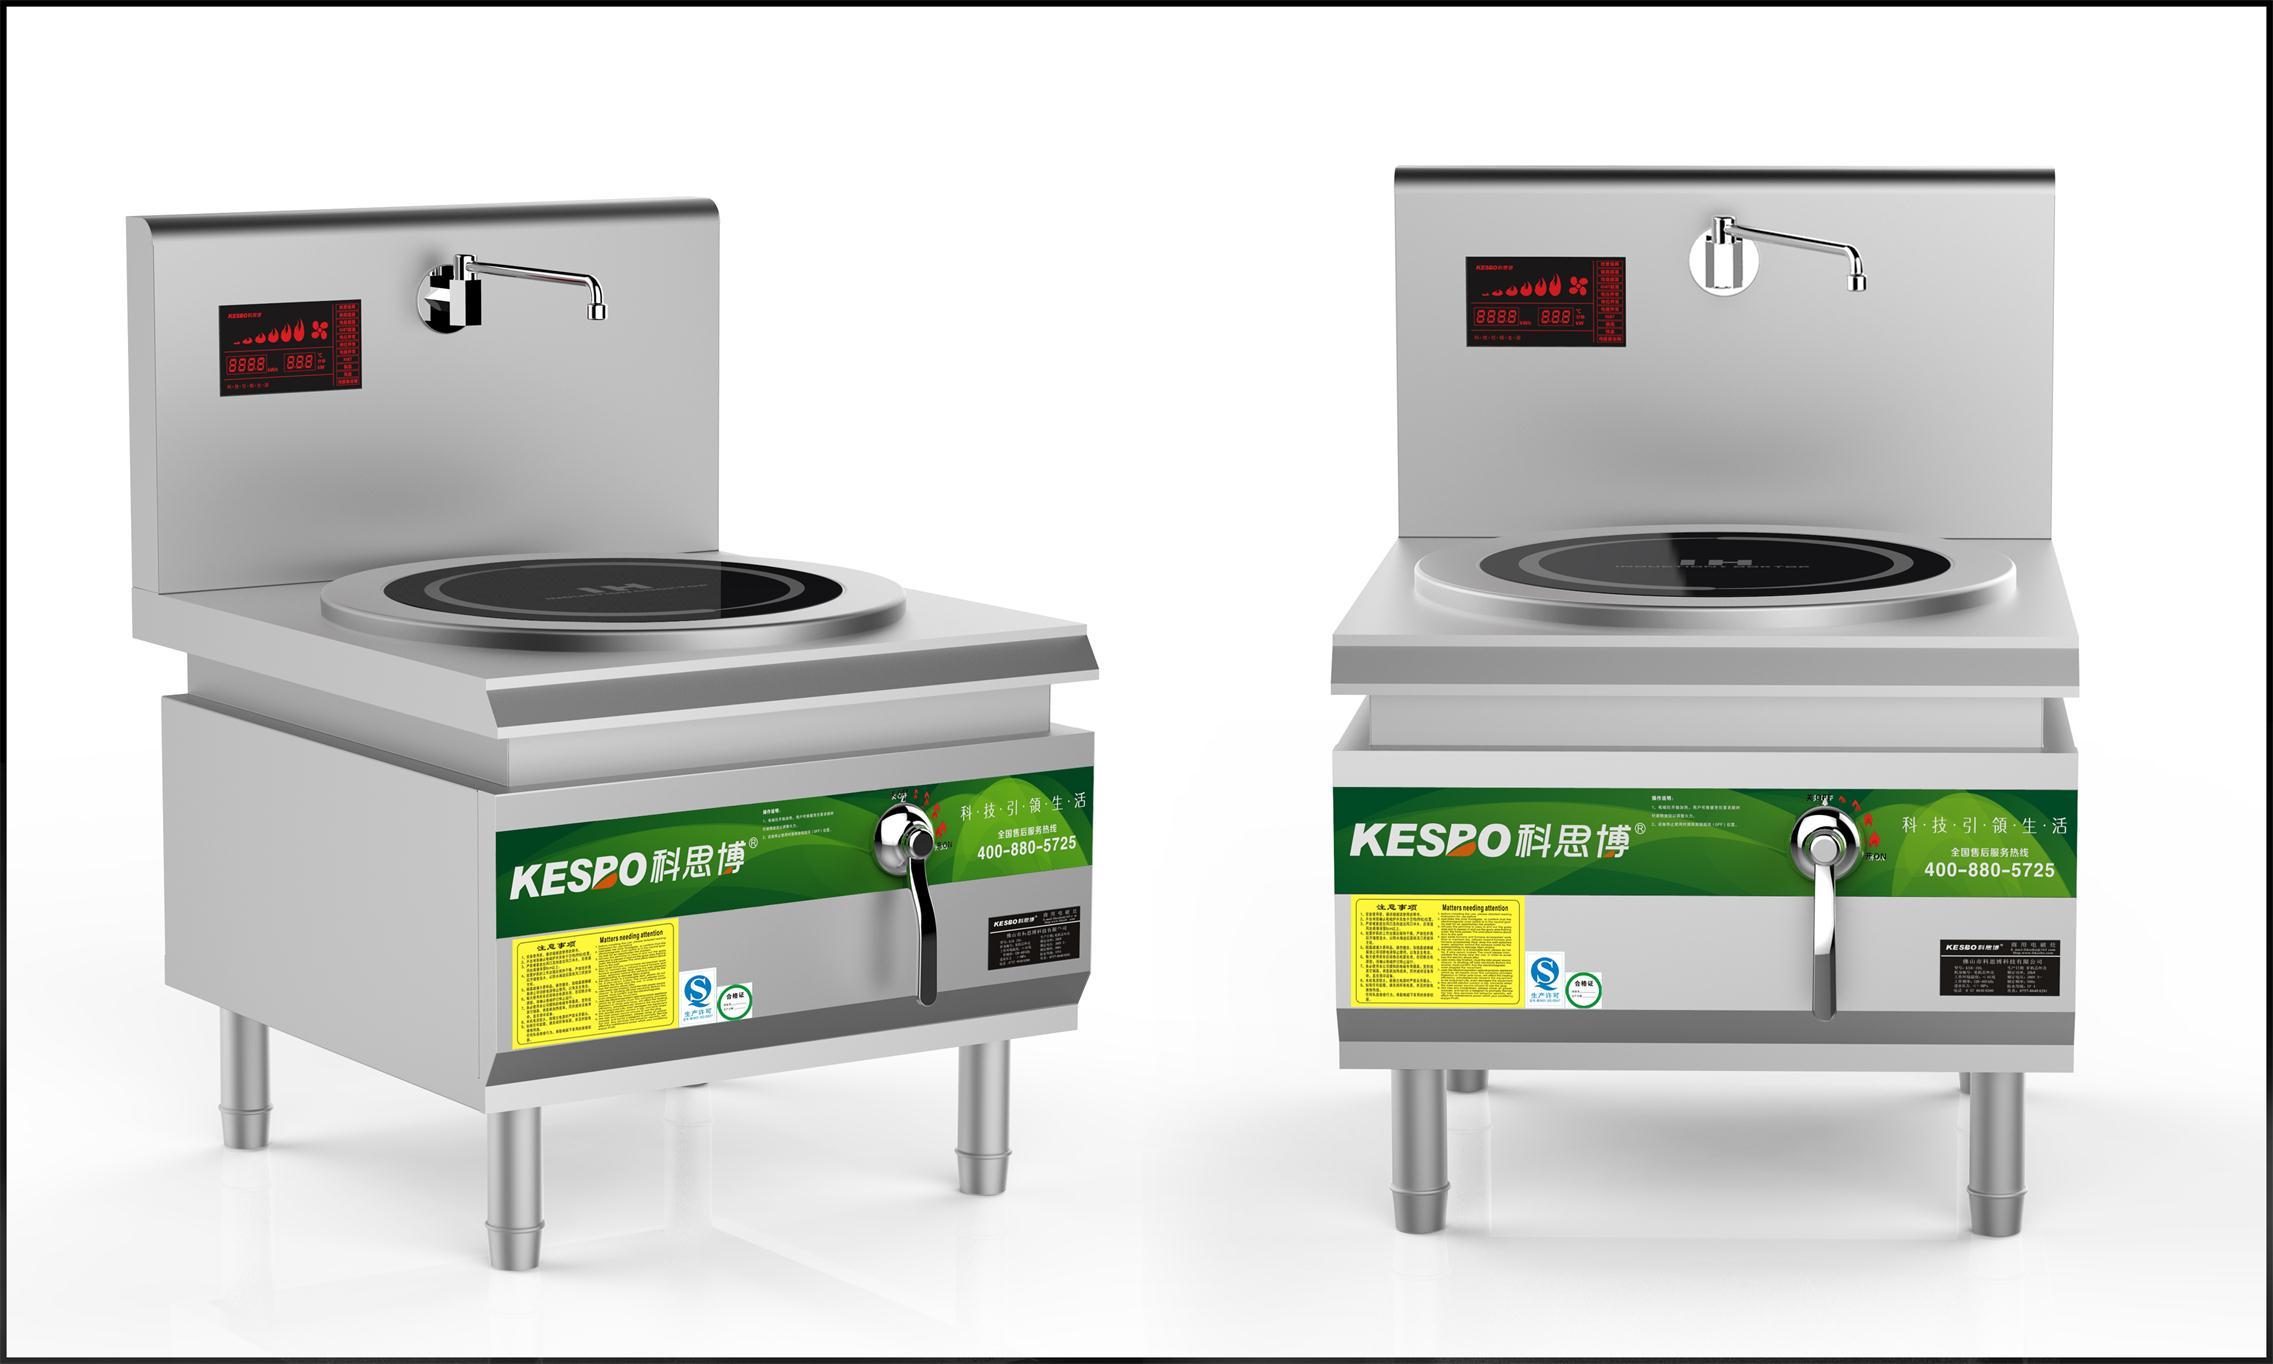 怎么买质量硬的商用厨具呢 |泉州商用电磁炉